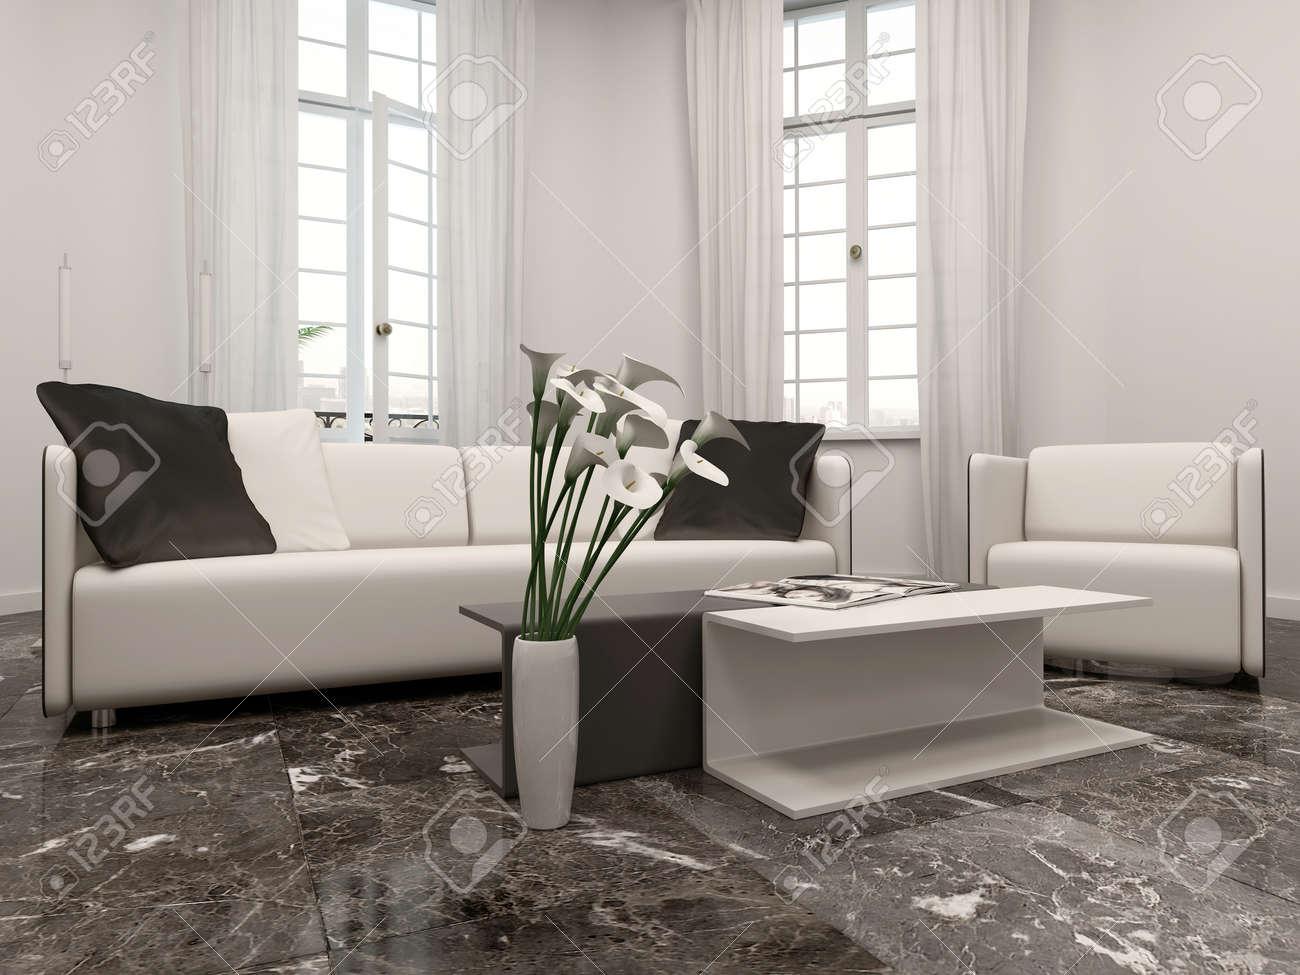 Weiß Wohnzimmer Mit Erker Interiow, Couch Und Schwarzem Marmor Boden ...